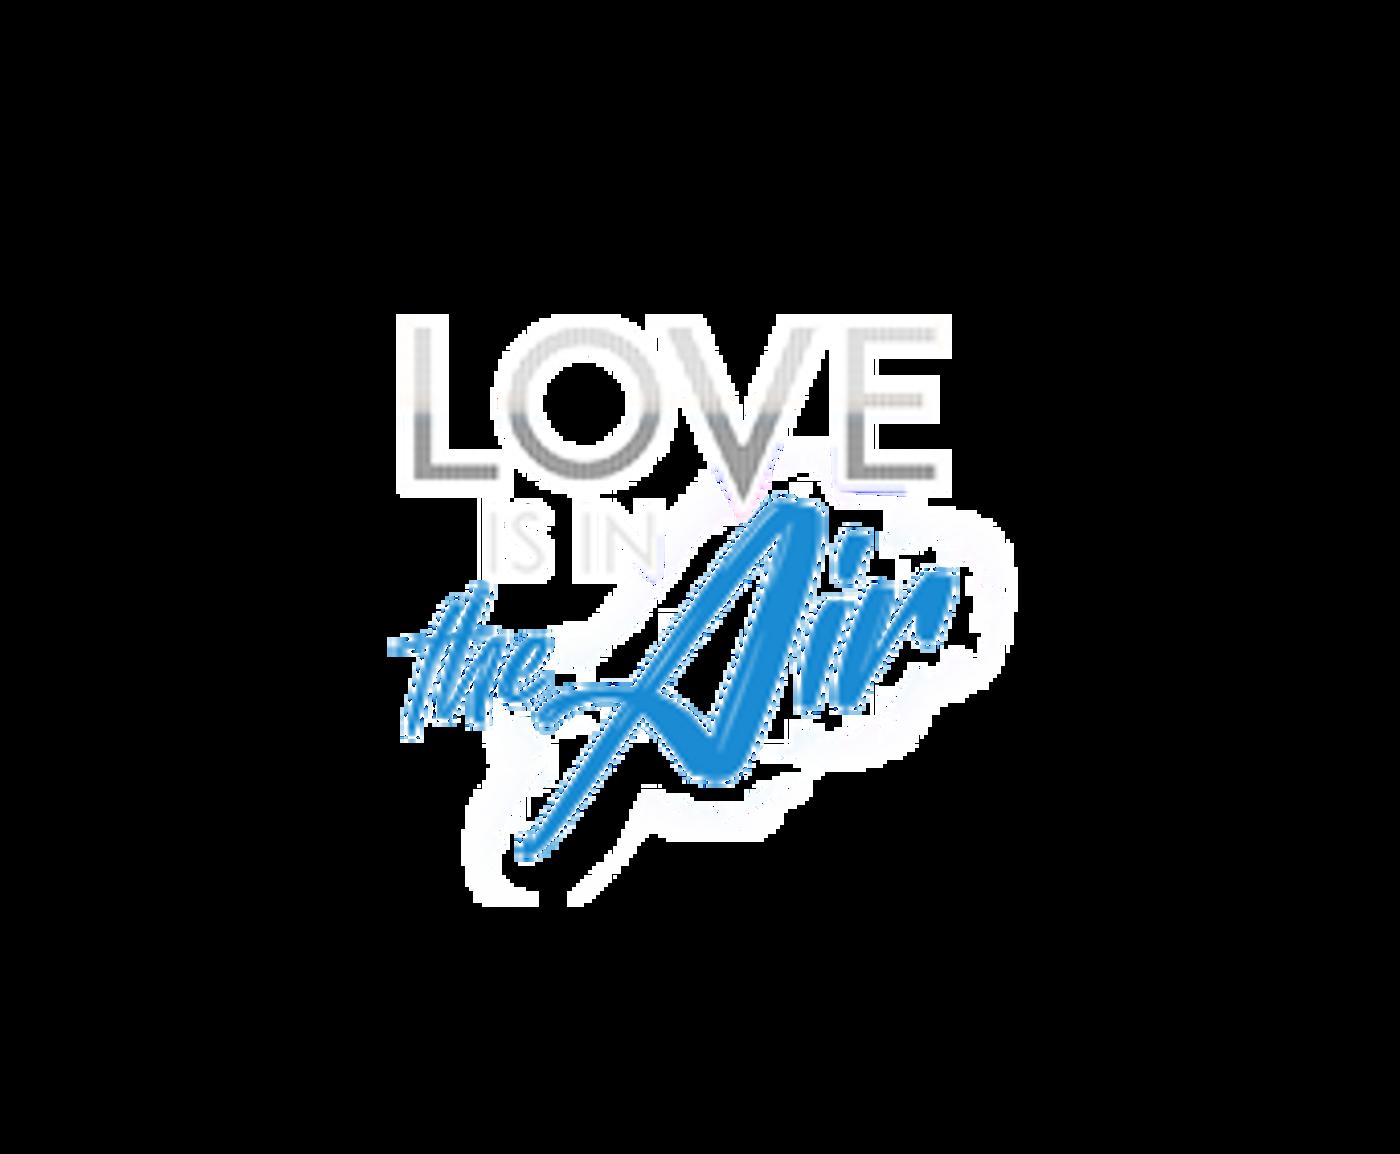 logo-loveisintheair